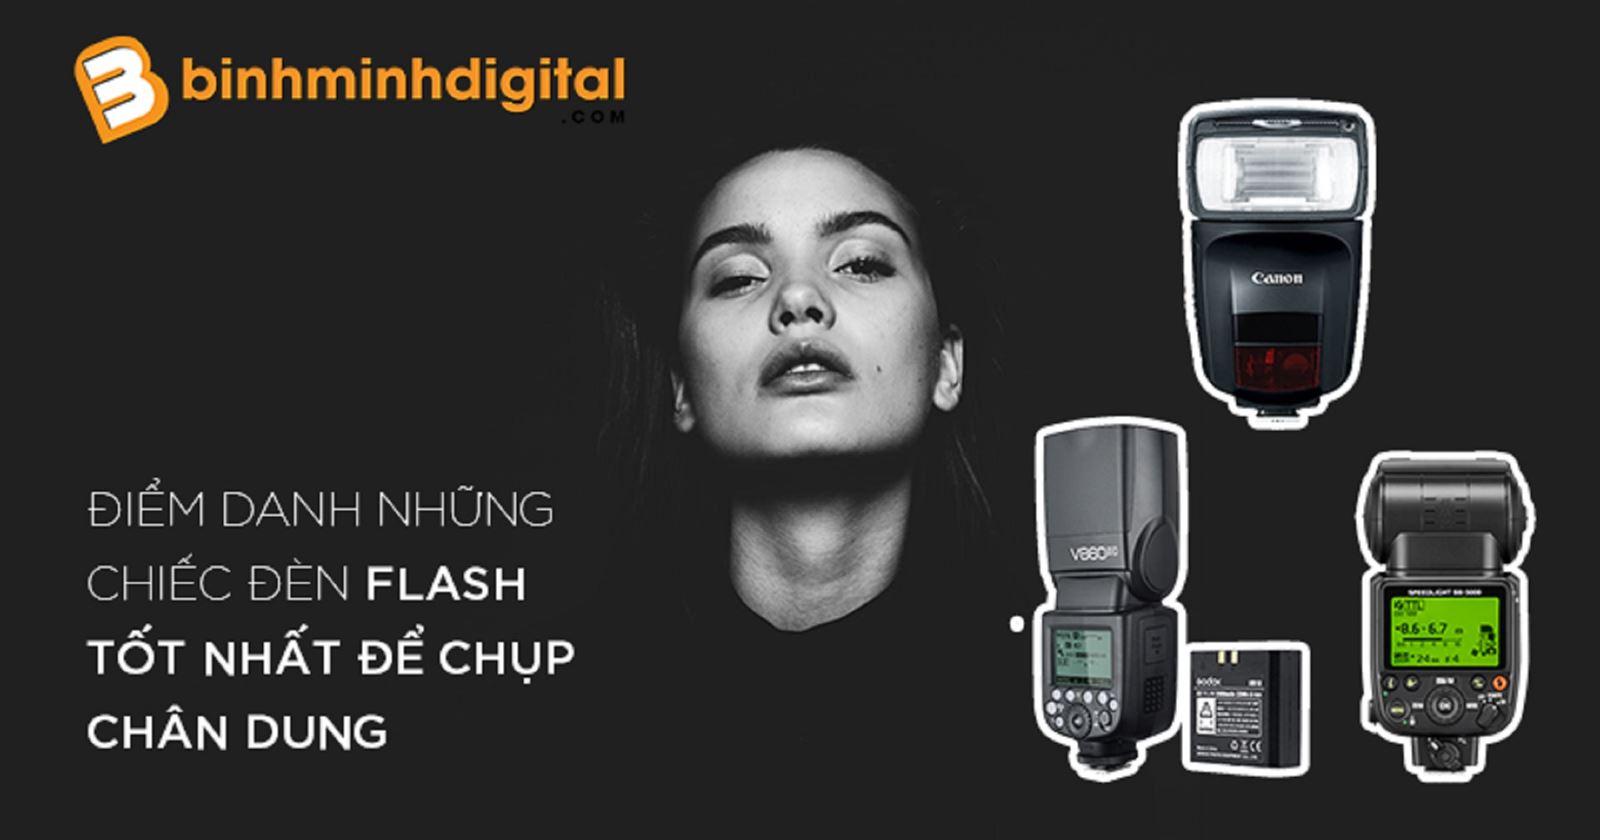 Điểm danh những chiếc đèn Flash tốt nhất để chụp chân dung